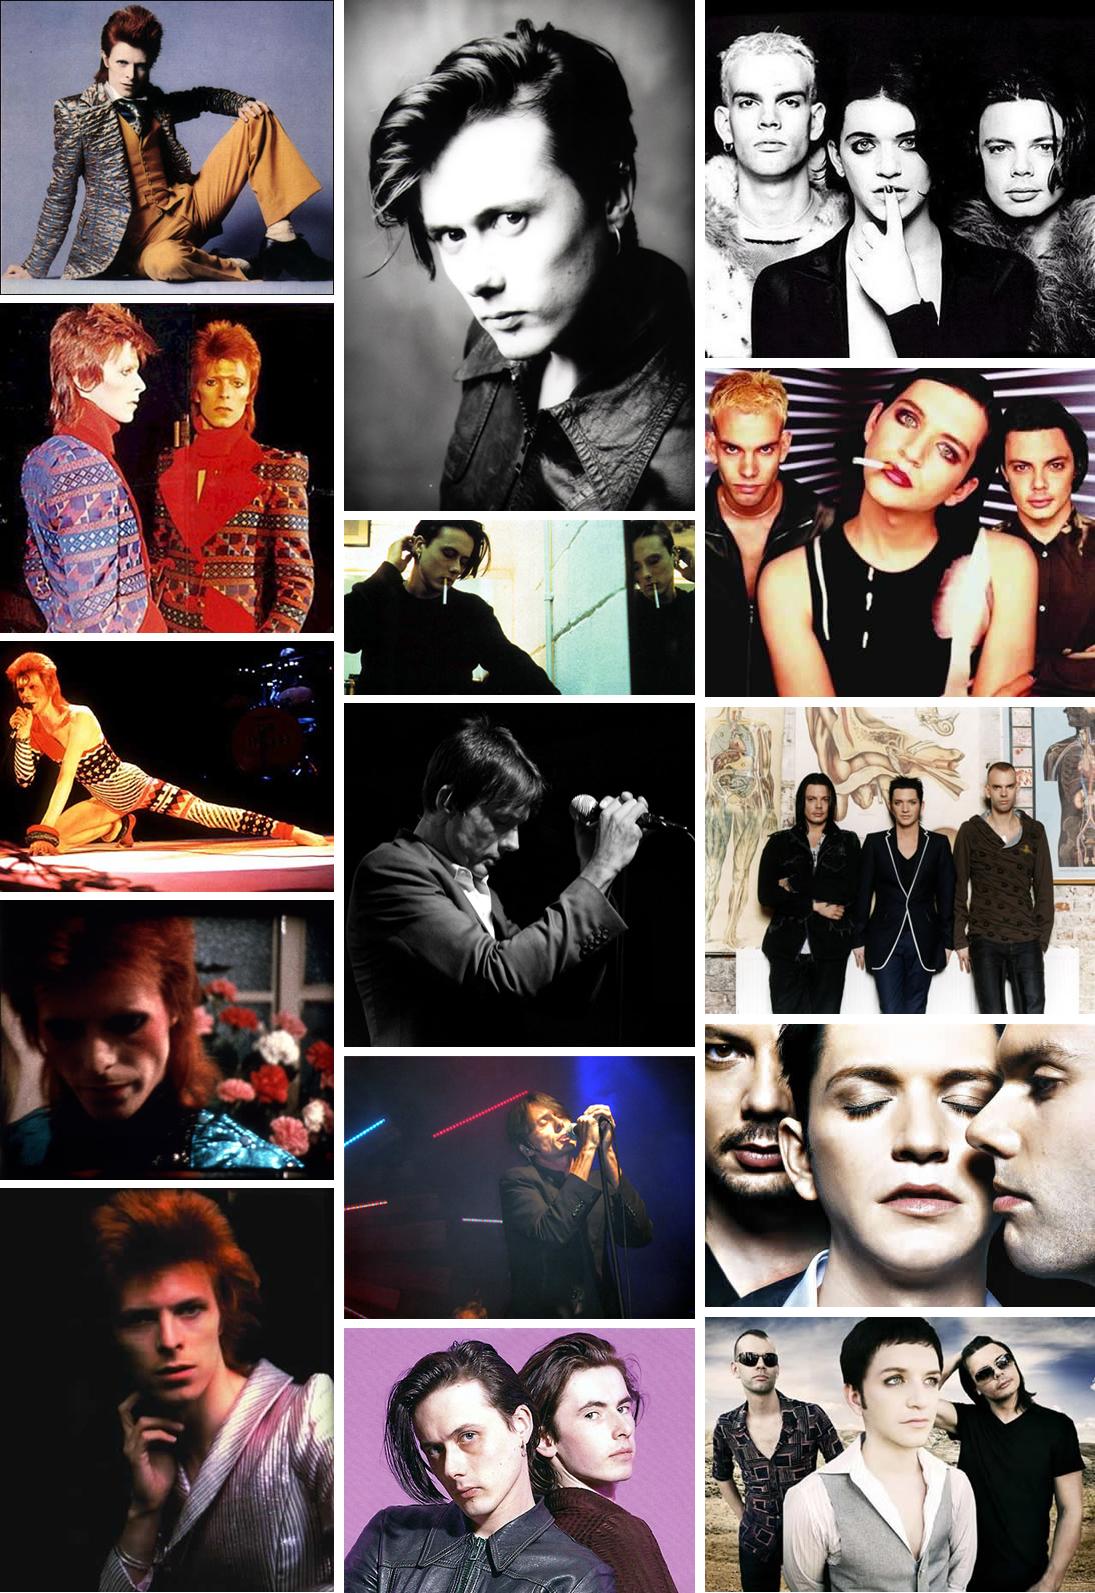 David Bowie (coluna da esquerda) Brett Anderson (Suede, coluna central) e Brian Molko (Vocalista da banda Placebo, coluna da direita)